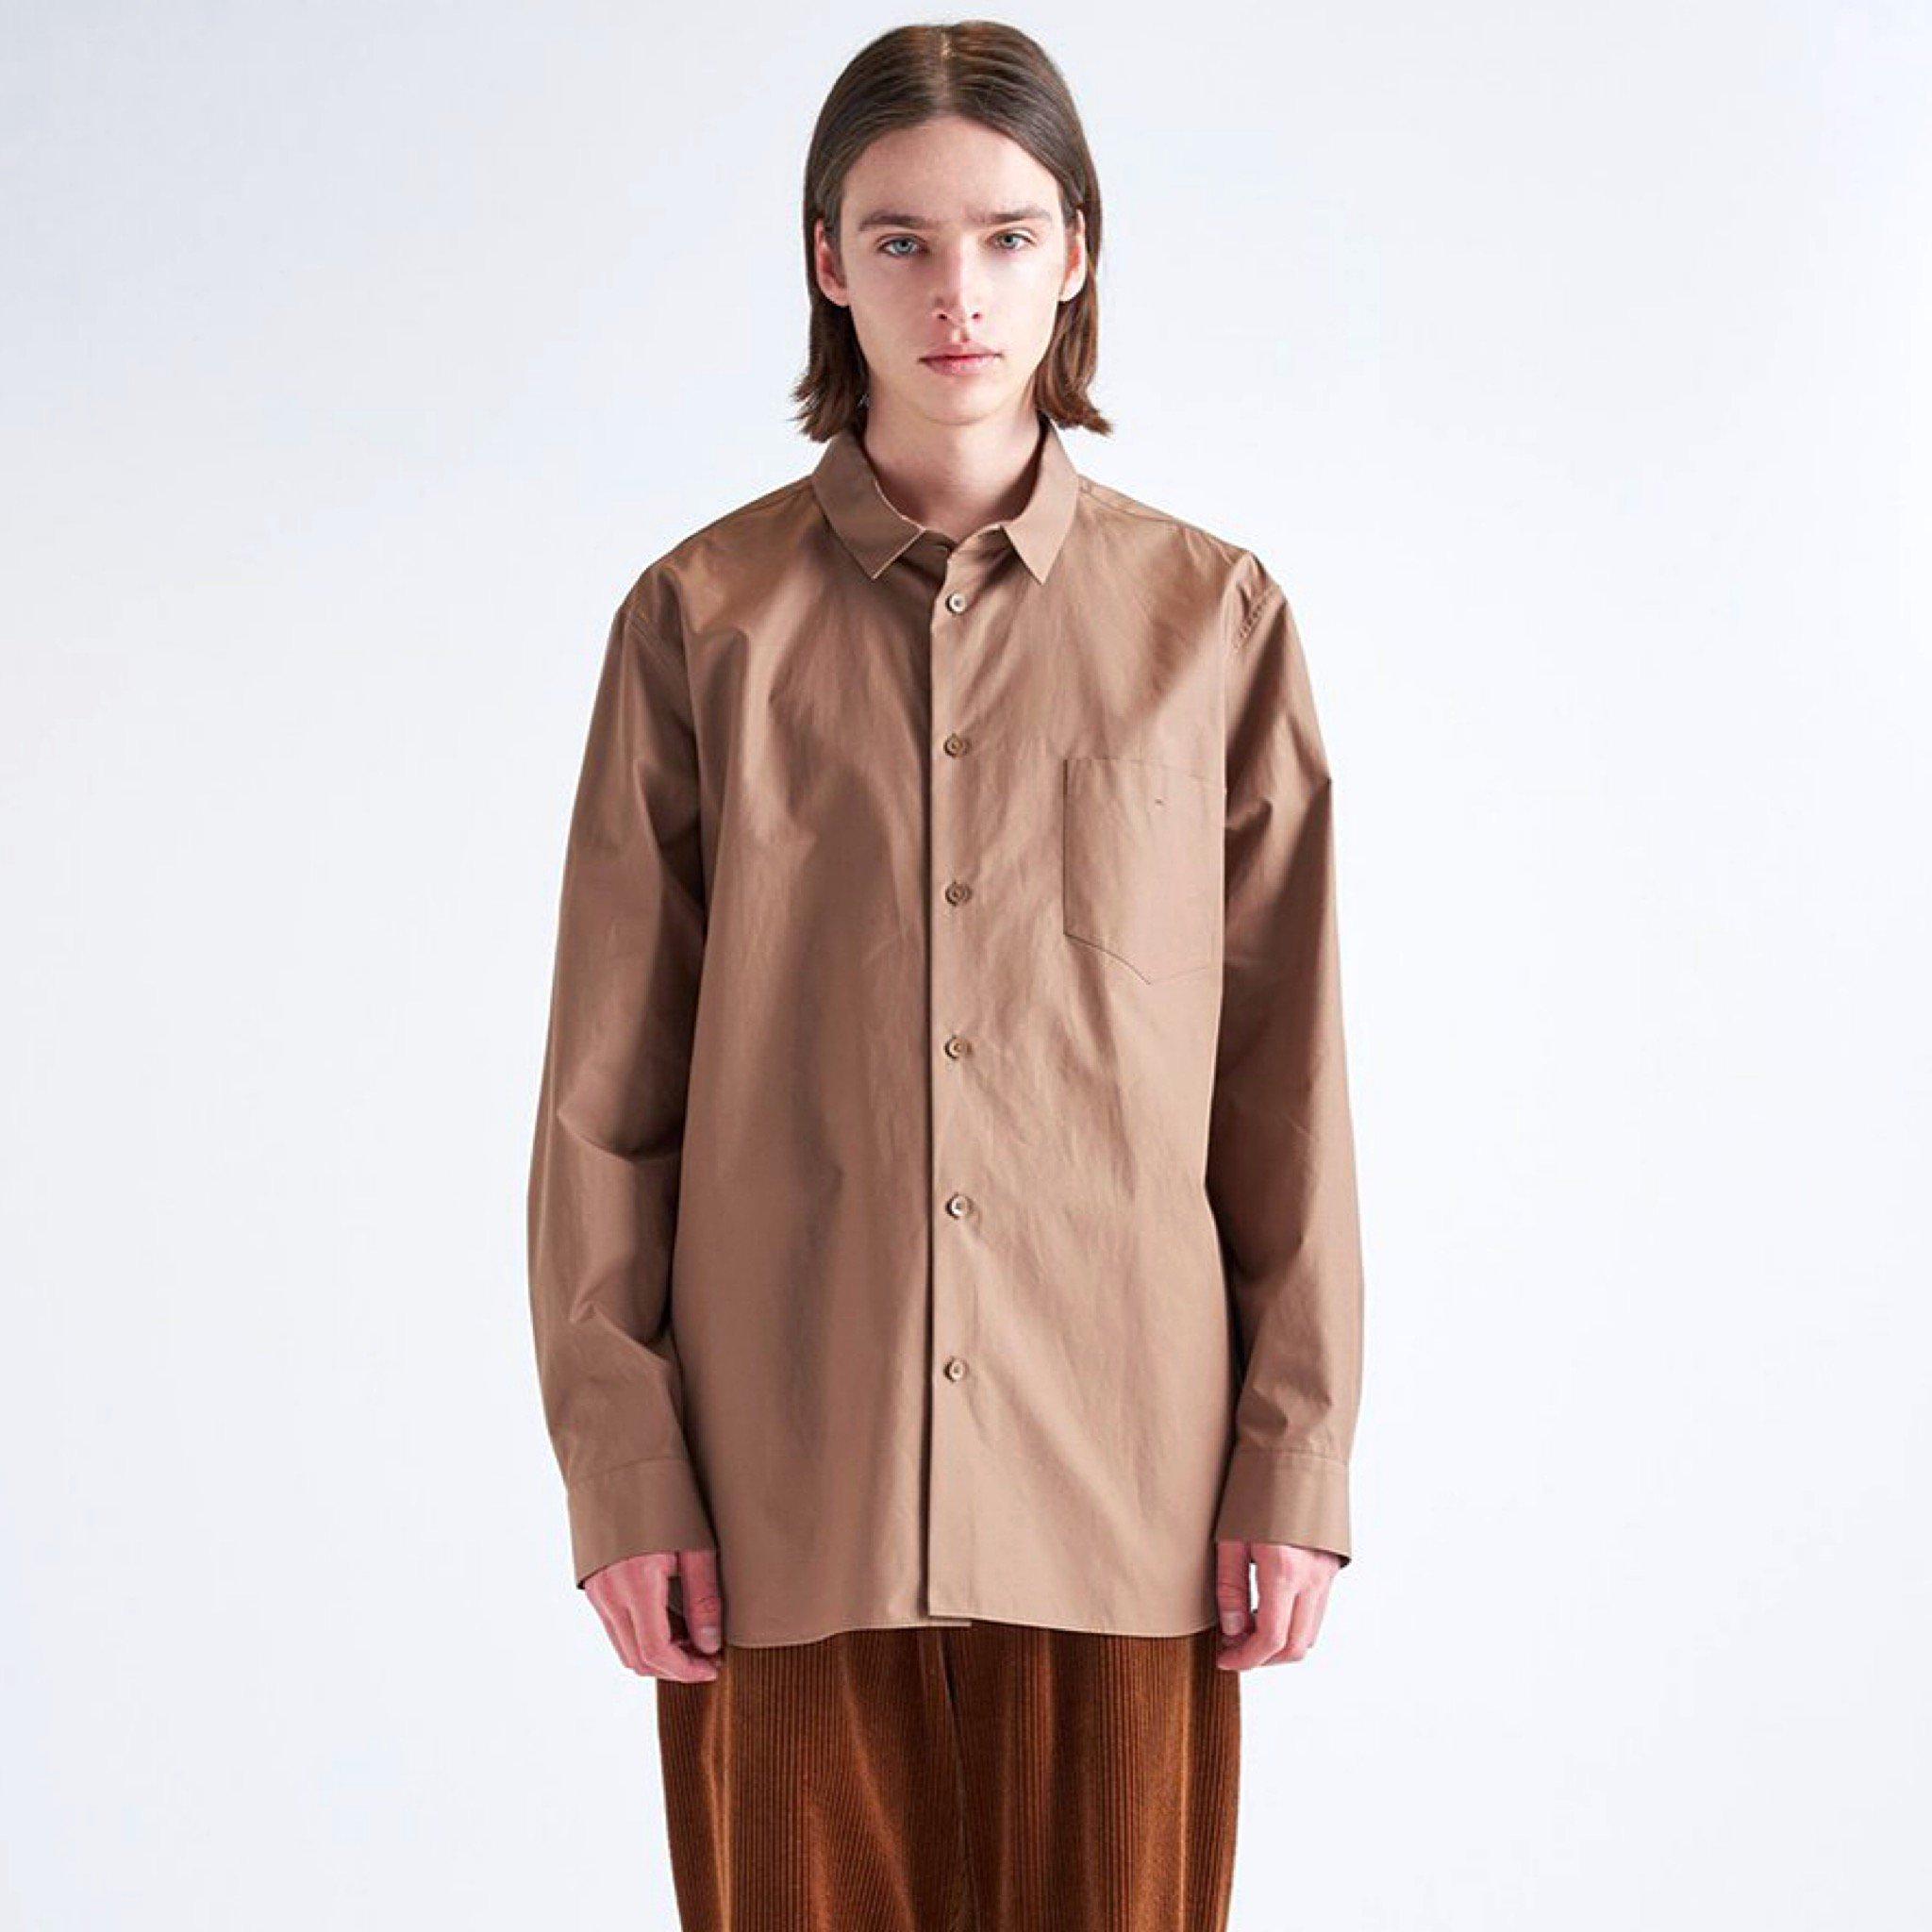 【ATON】 <br> オーバーサイズドシャツ ギザブロード